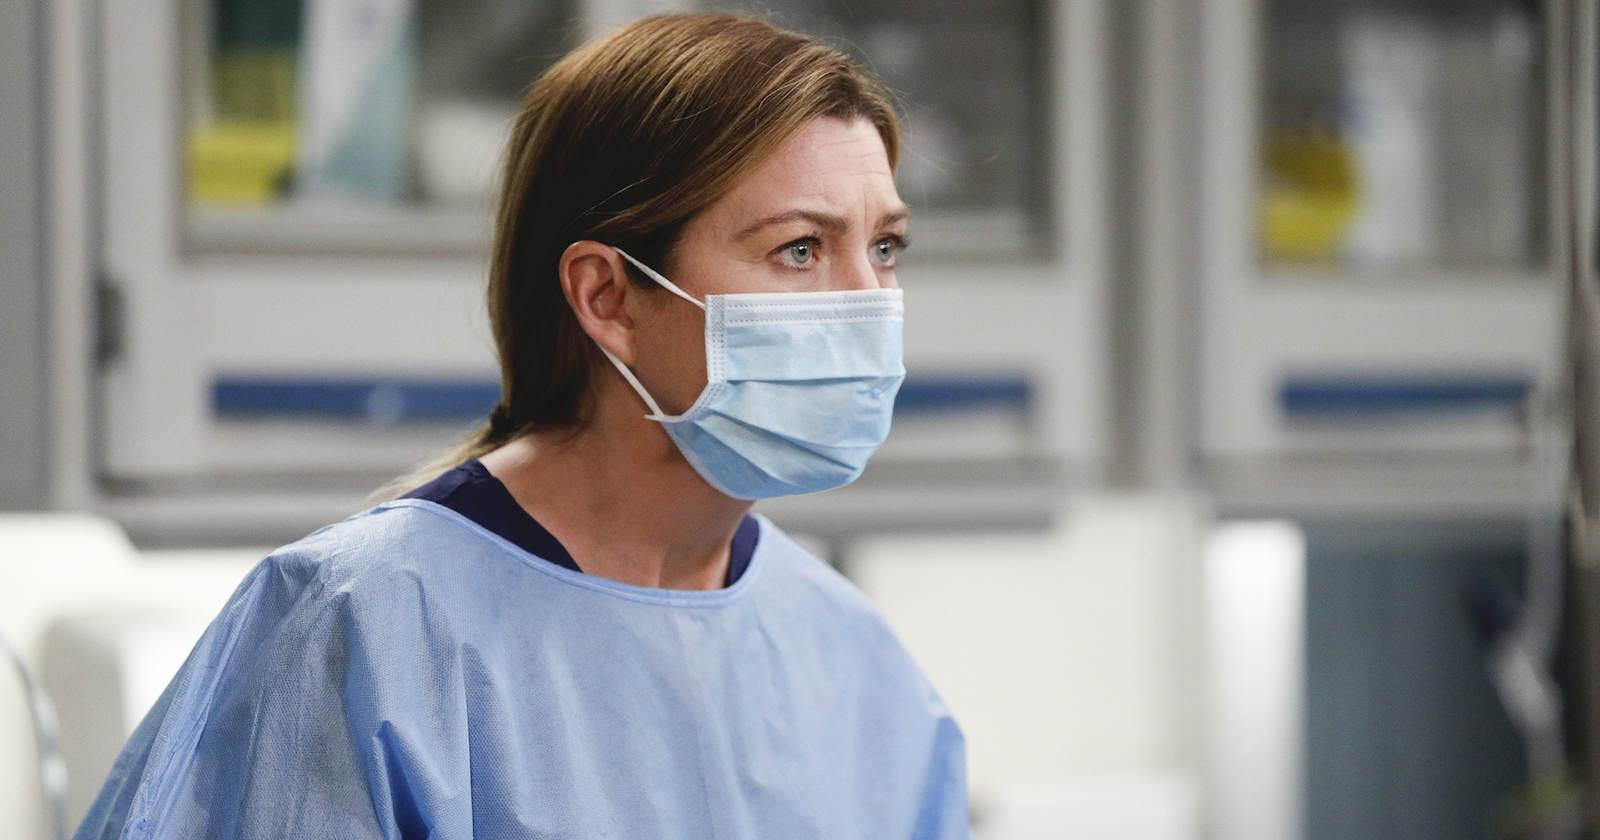 Actor de Grey's Anatomy publicó imagen con spoiler de la nueva temporada y tuvo que borrarla